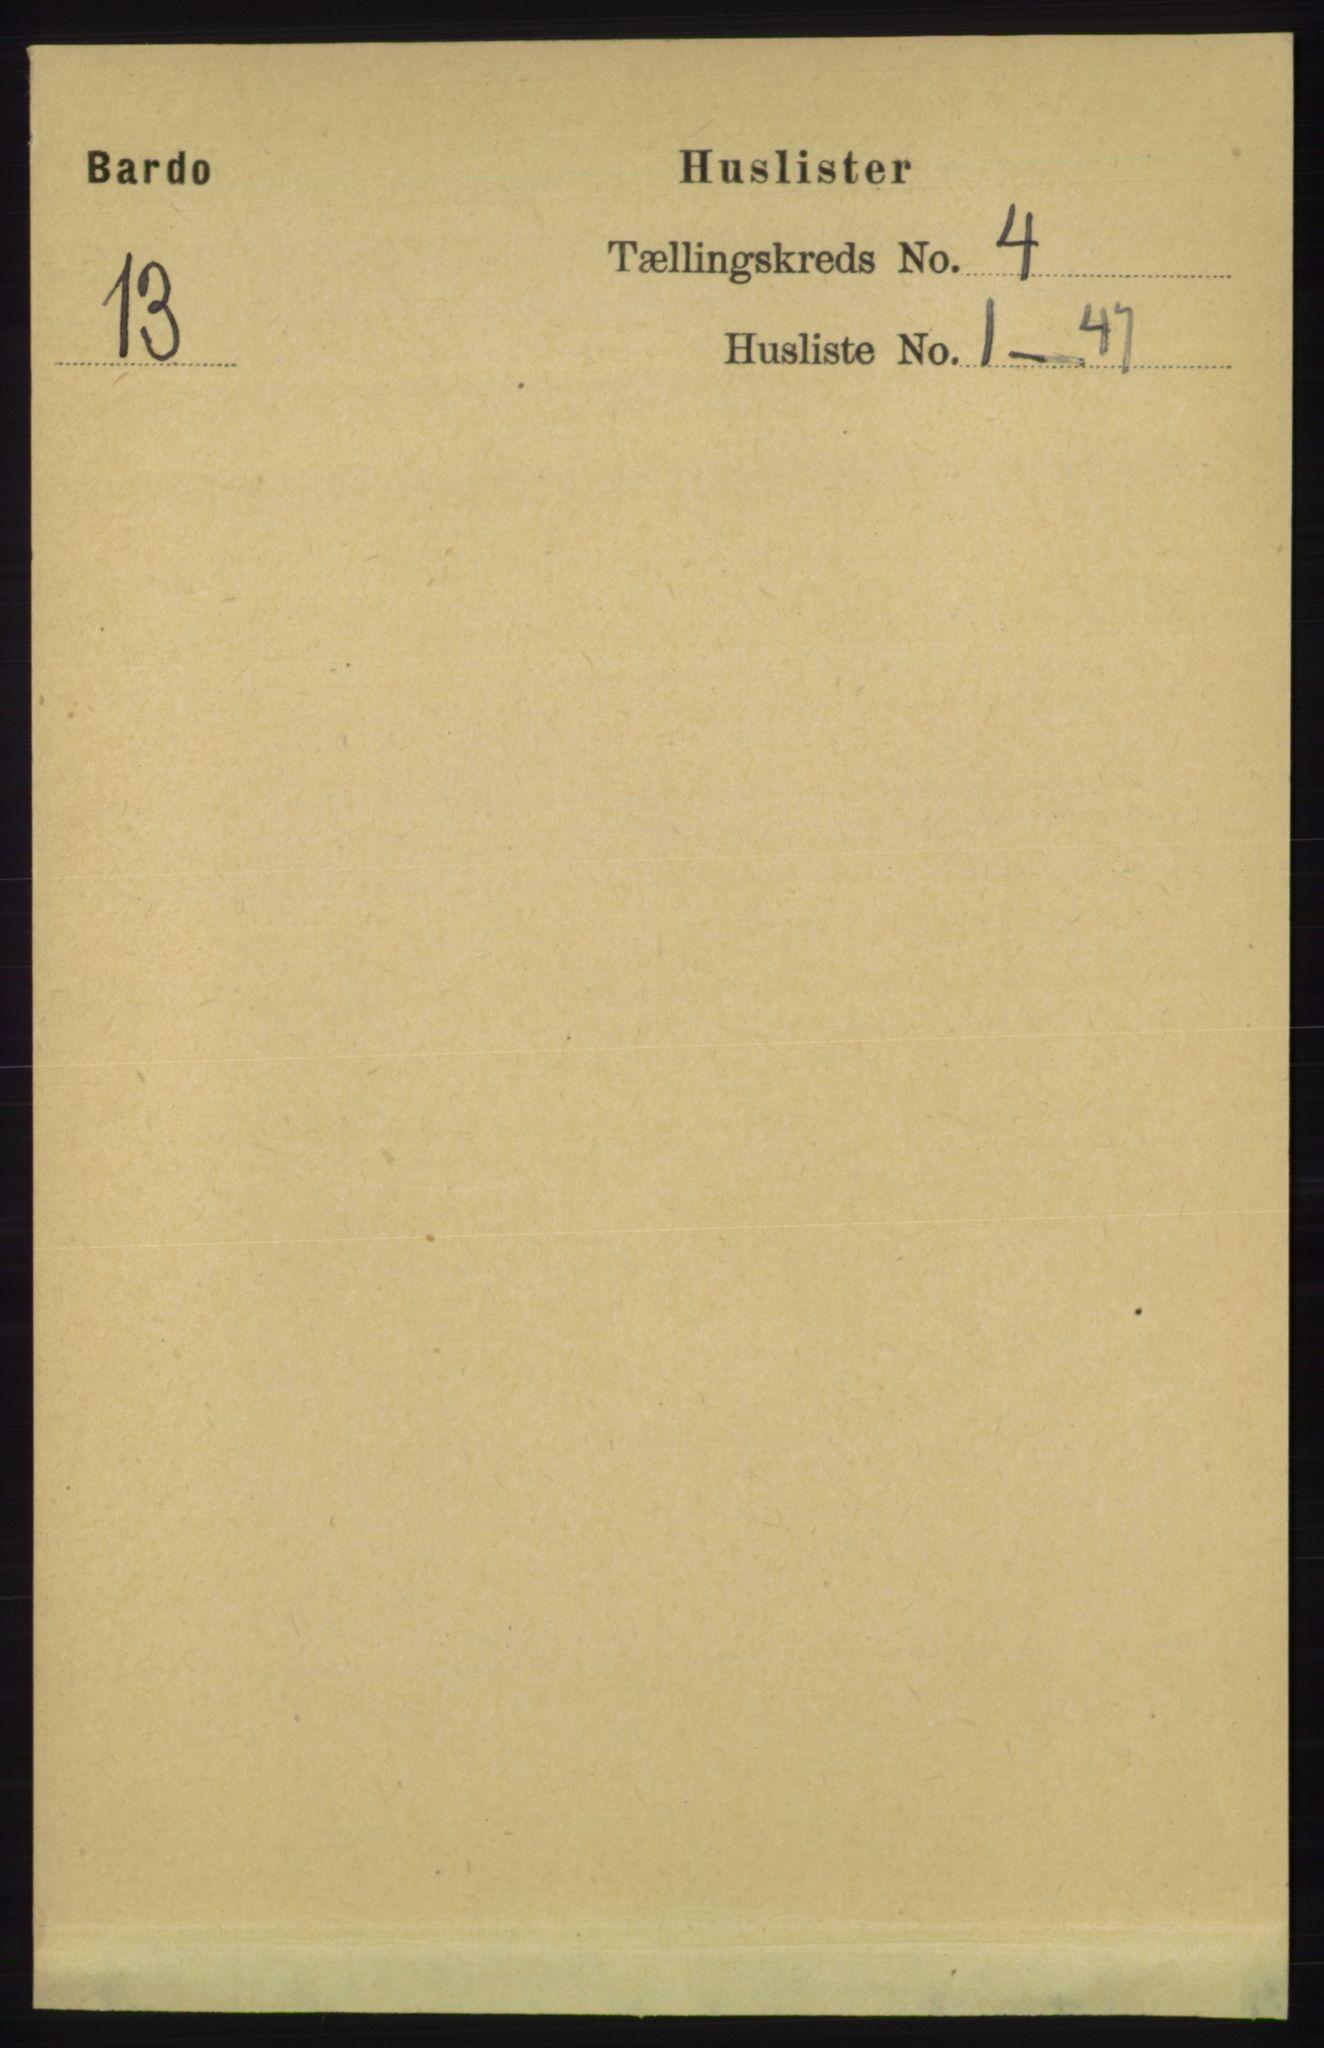 RA, Folketelling 1891 for 1922 Bardu herred, 1891, s. 1275